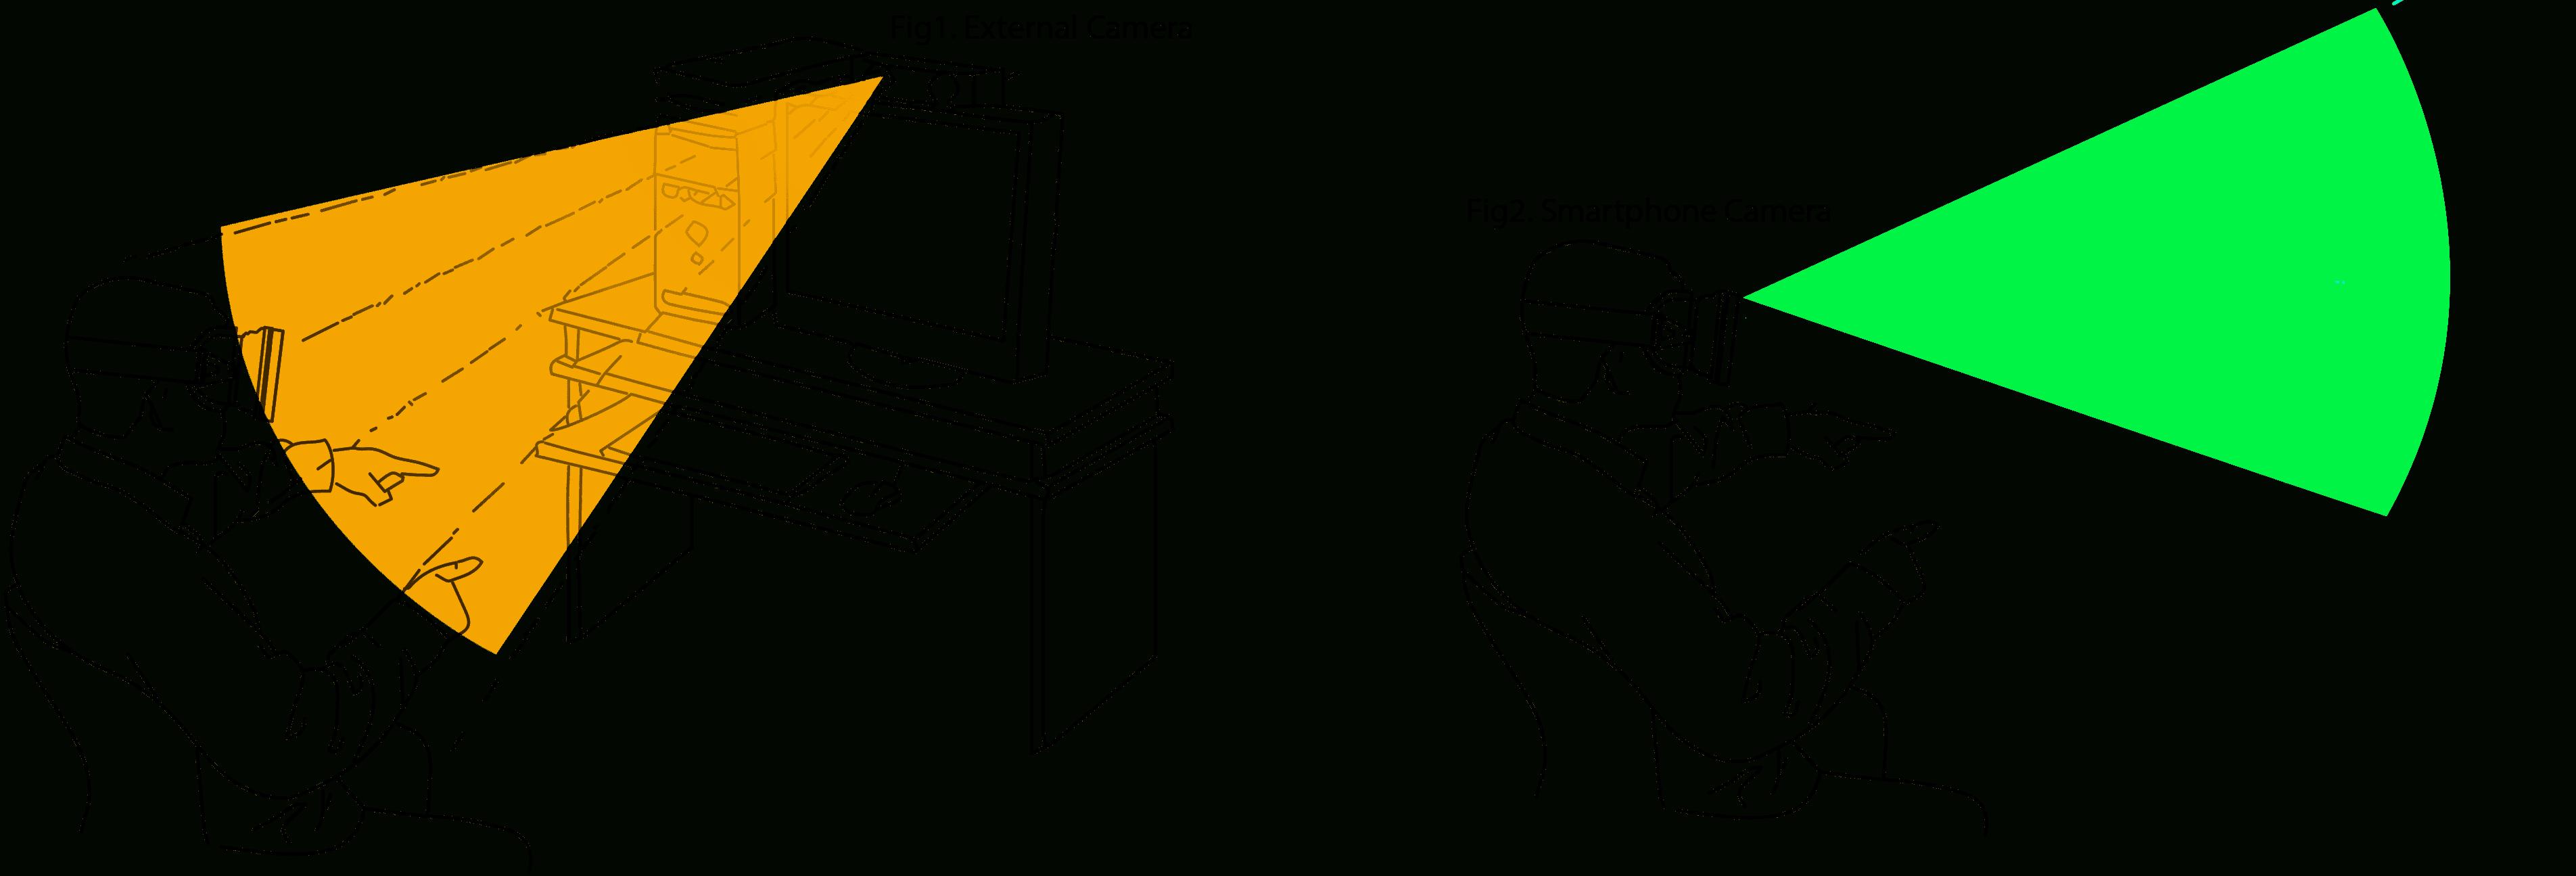 Olika typer av positionsspårning för VR